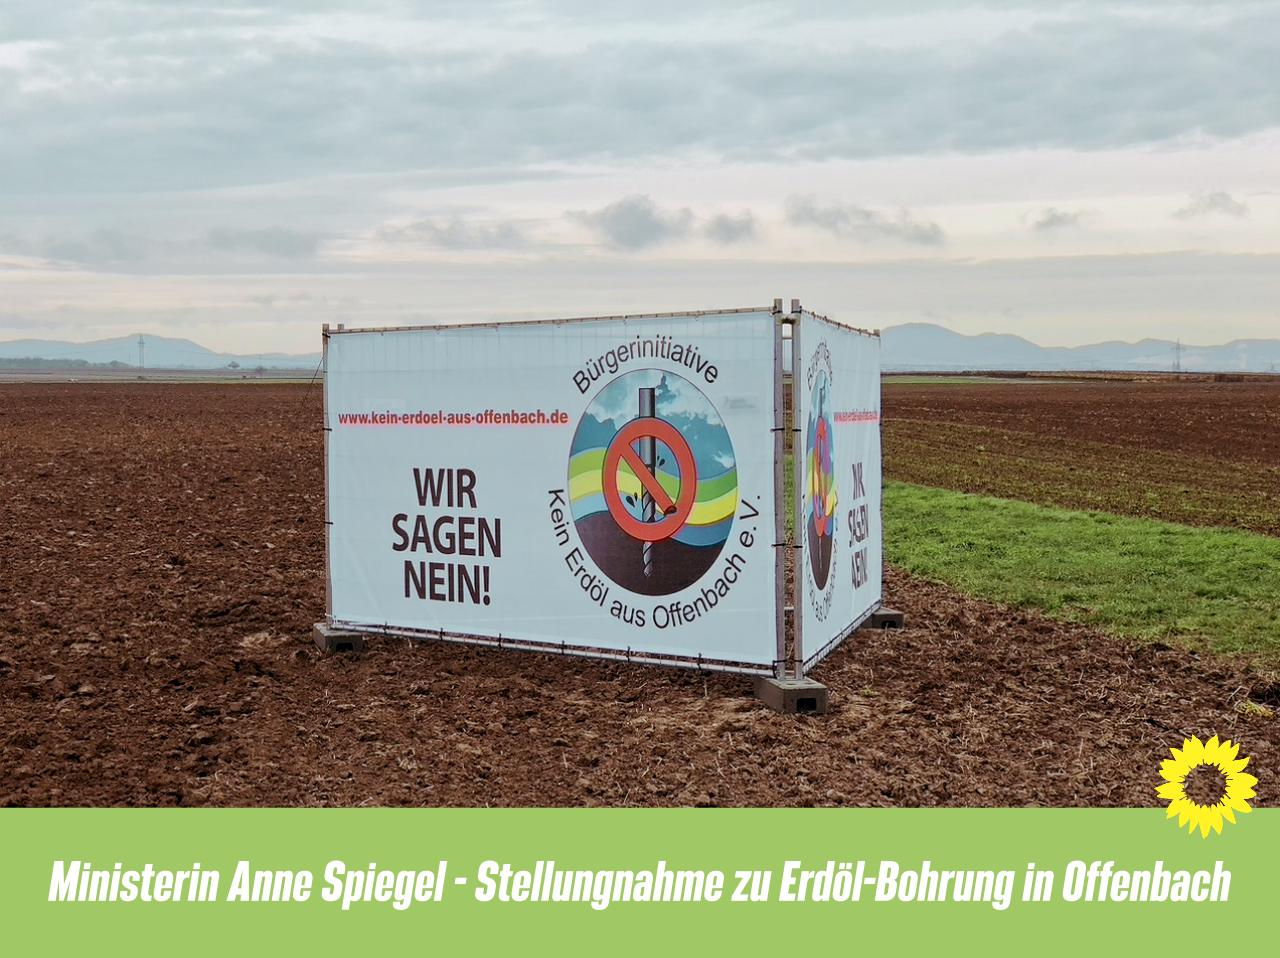 Ministerin Anne Spiegel Stellungnahme zu Erdöl-Bohrung in Offenbach